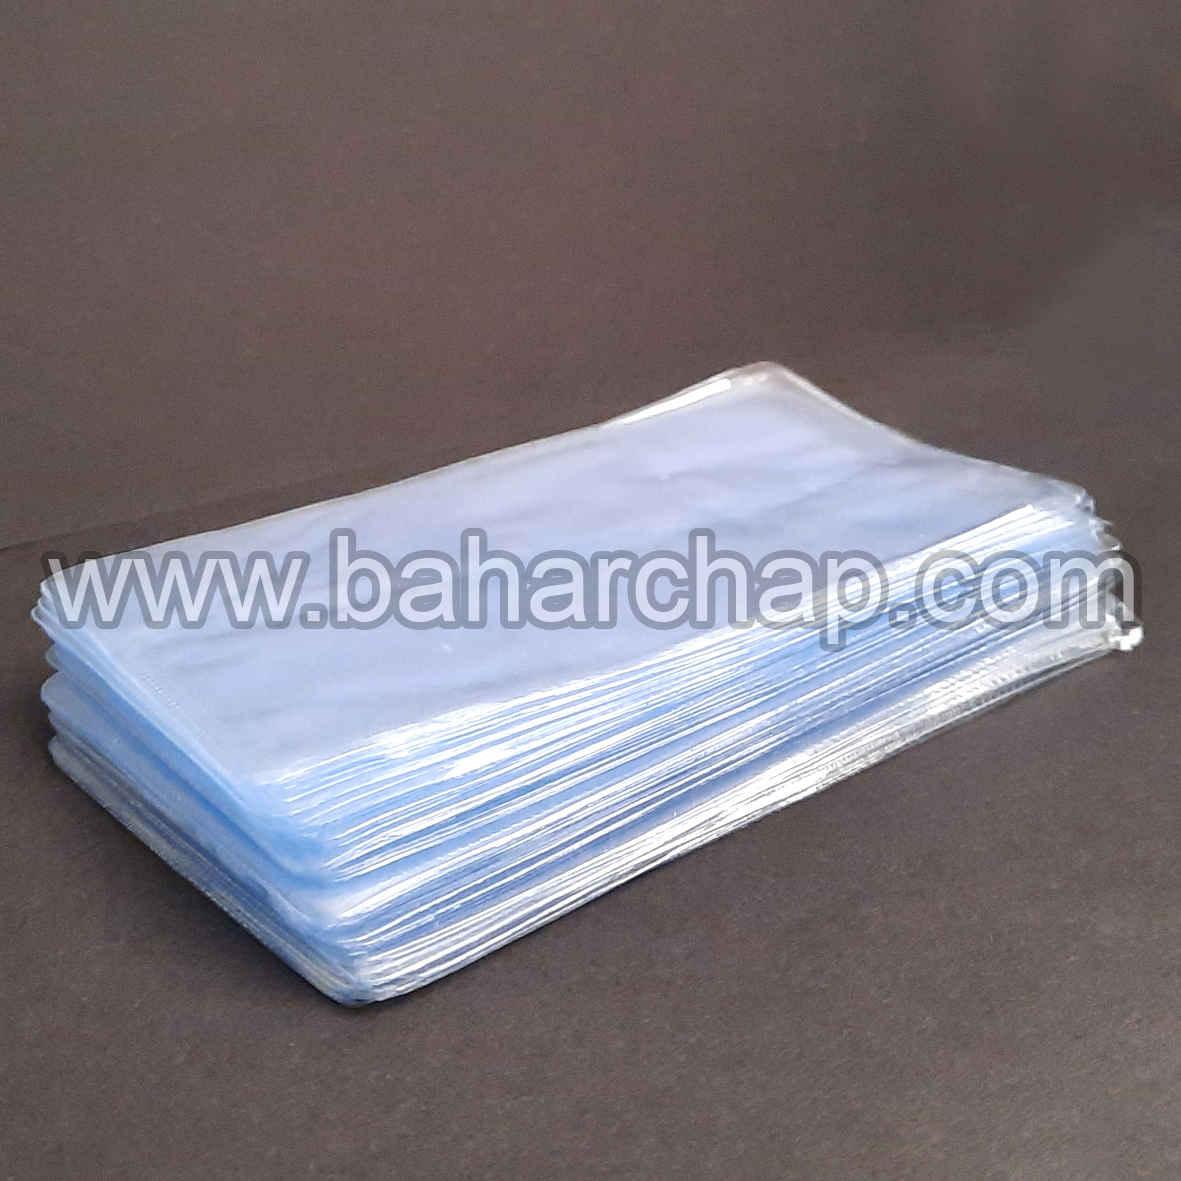 فروشگاه و خدمات اینترنتی بهارچاپ اصفهان-کاور کارت PVC سایز10.5*6.5-pvc cards cover sheet 80*120